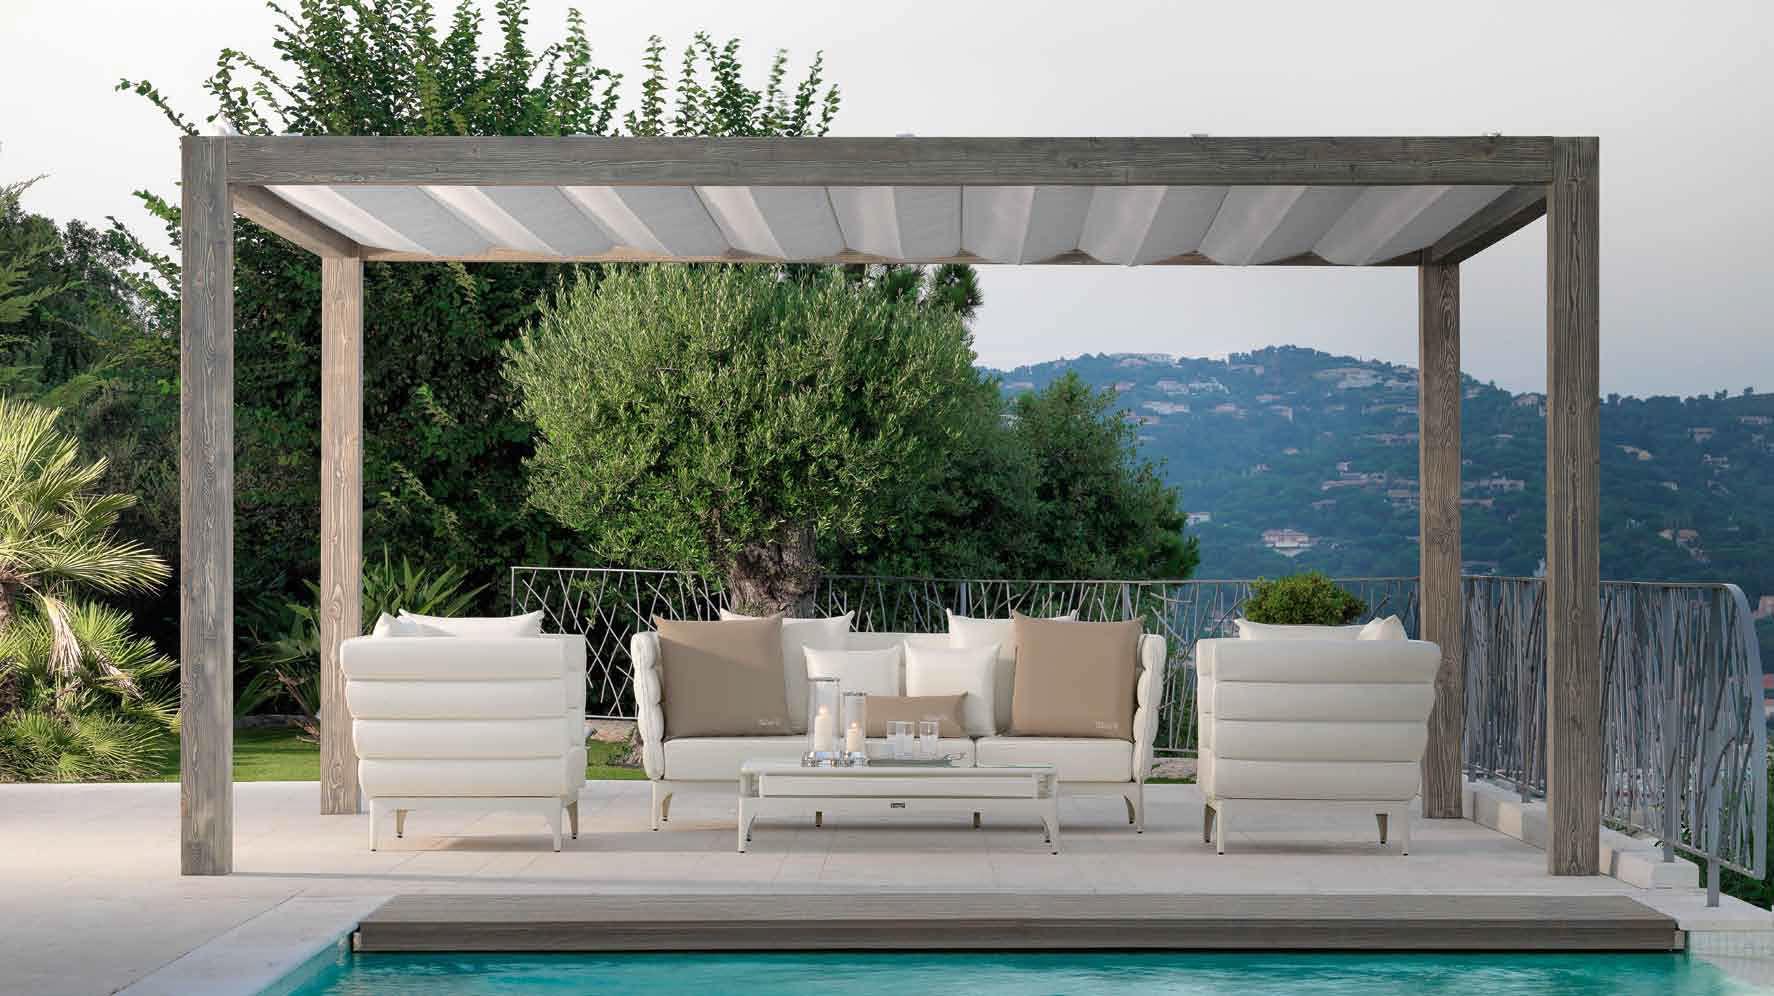 Arredamento per esterni arredo giardino maffeisistemi for Arredo giardino design on line